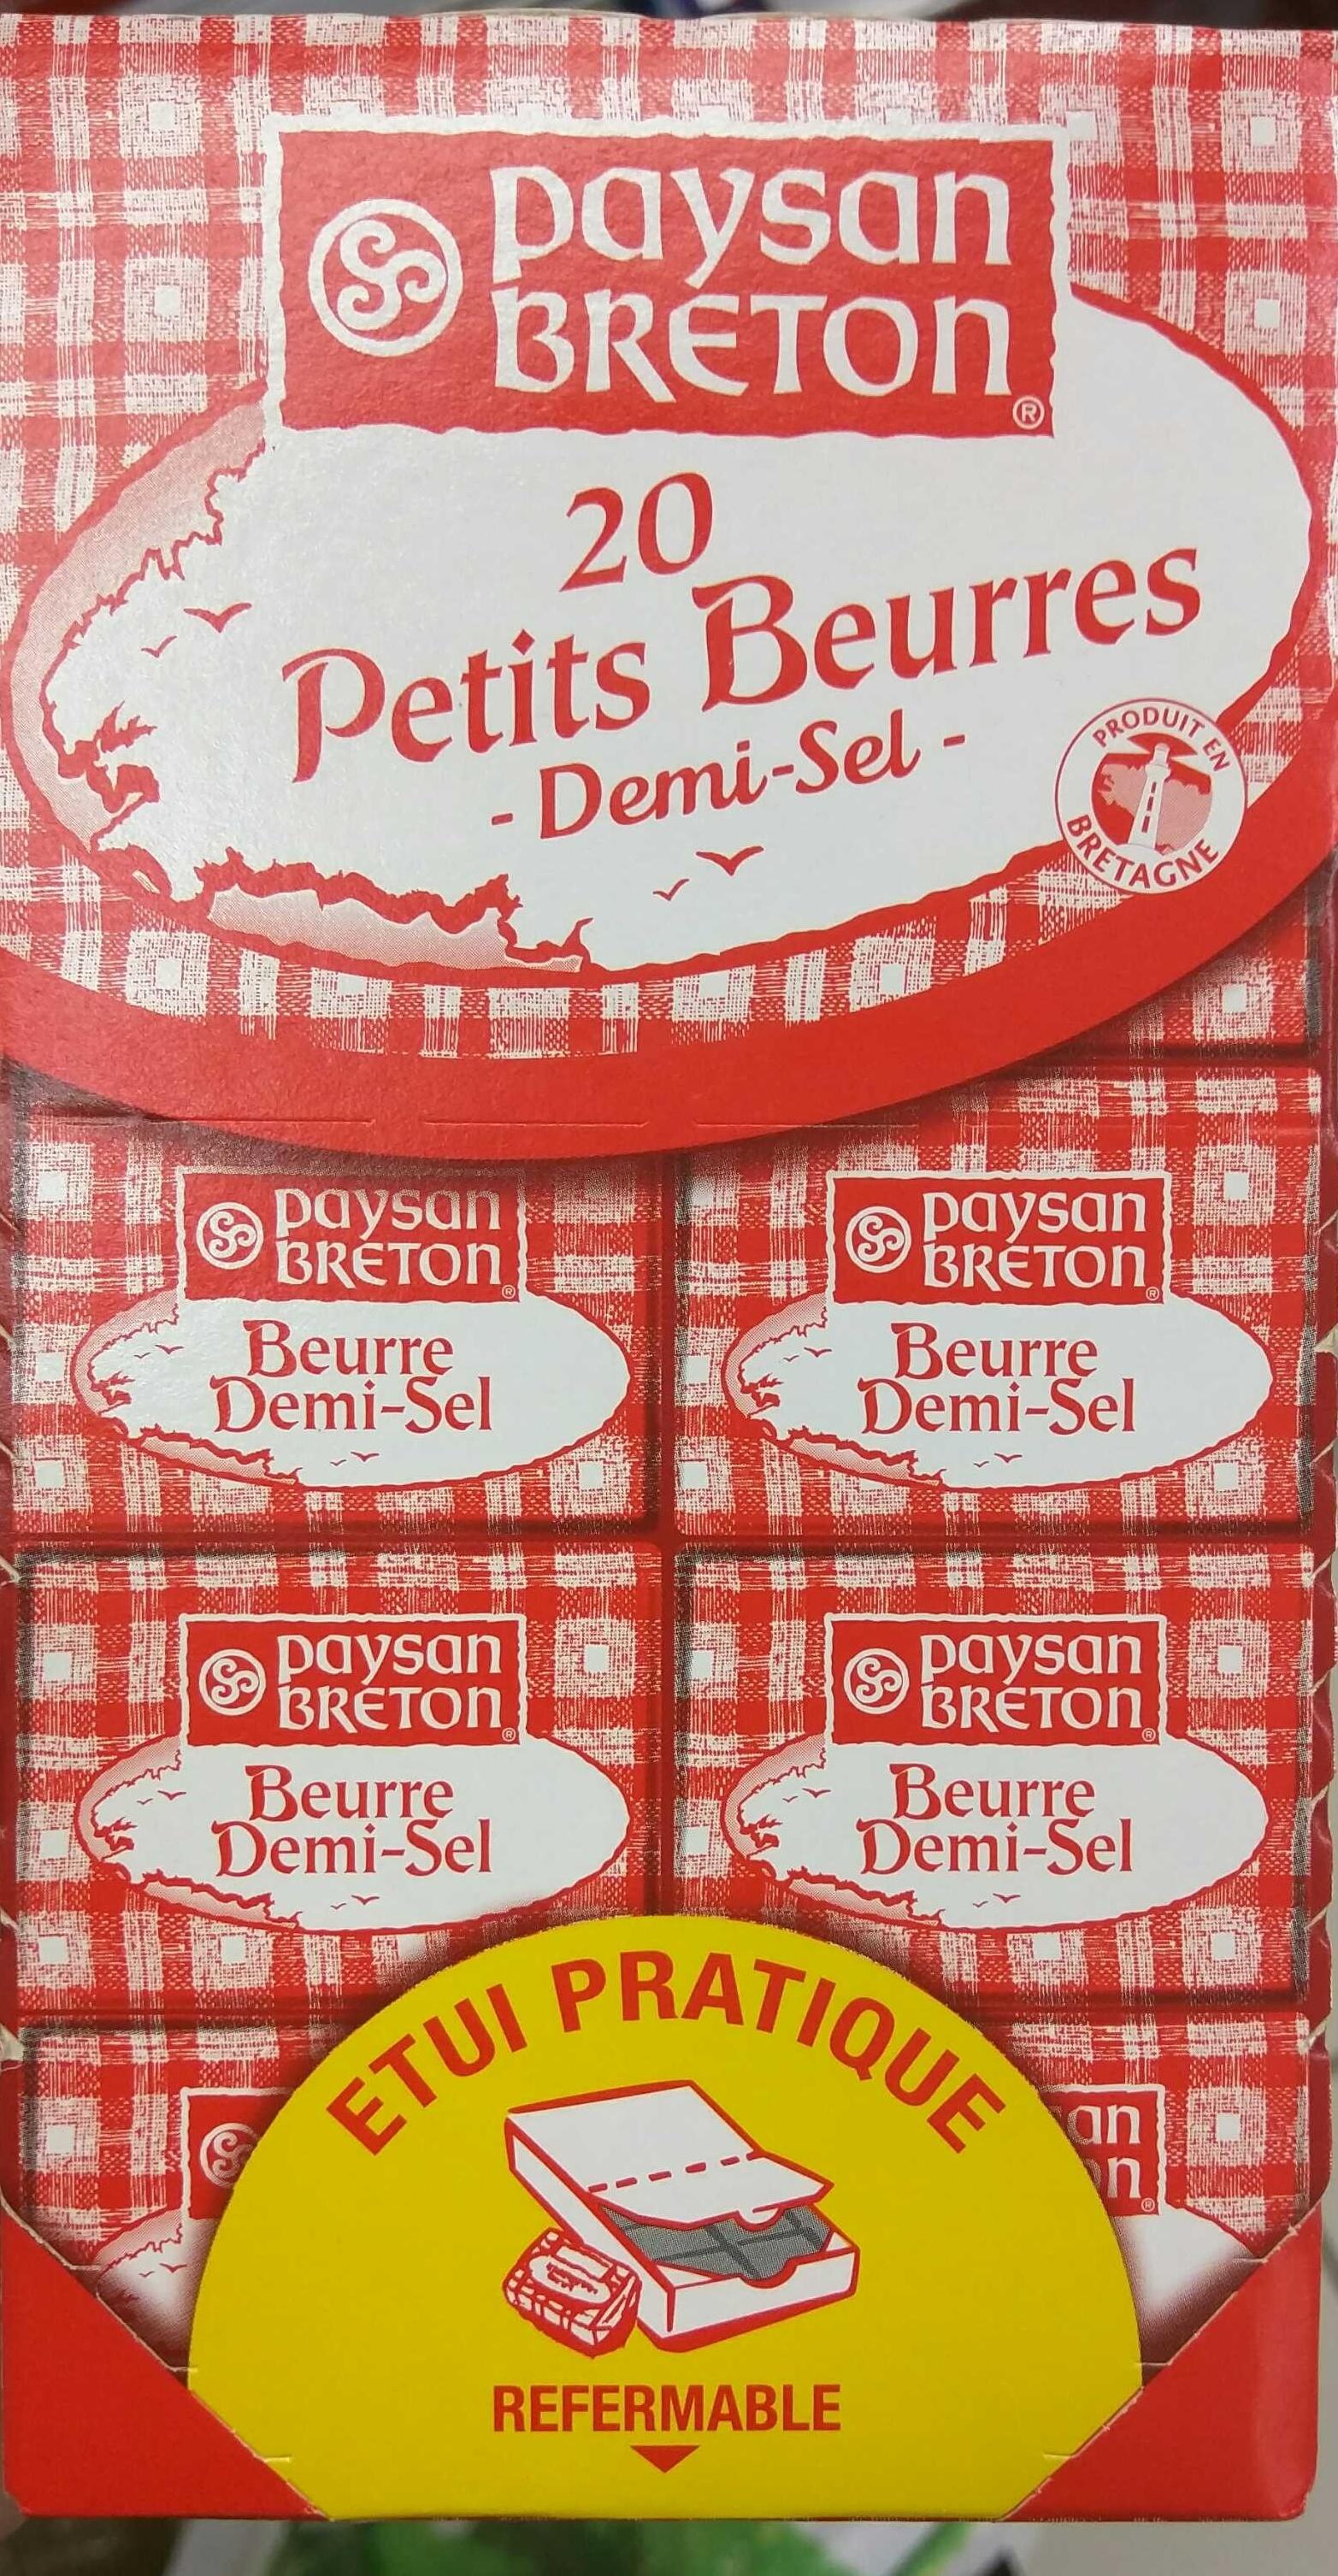 Petits Beurres Demi-Sel - Product - fr